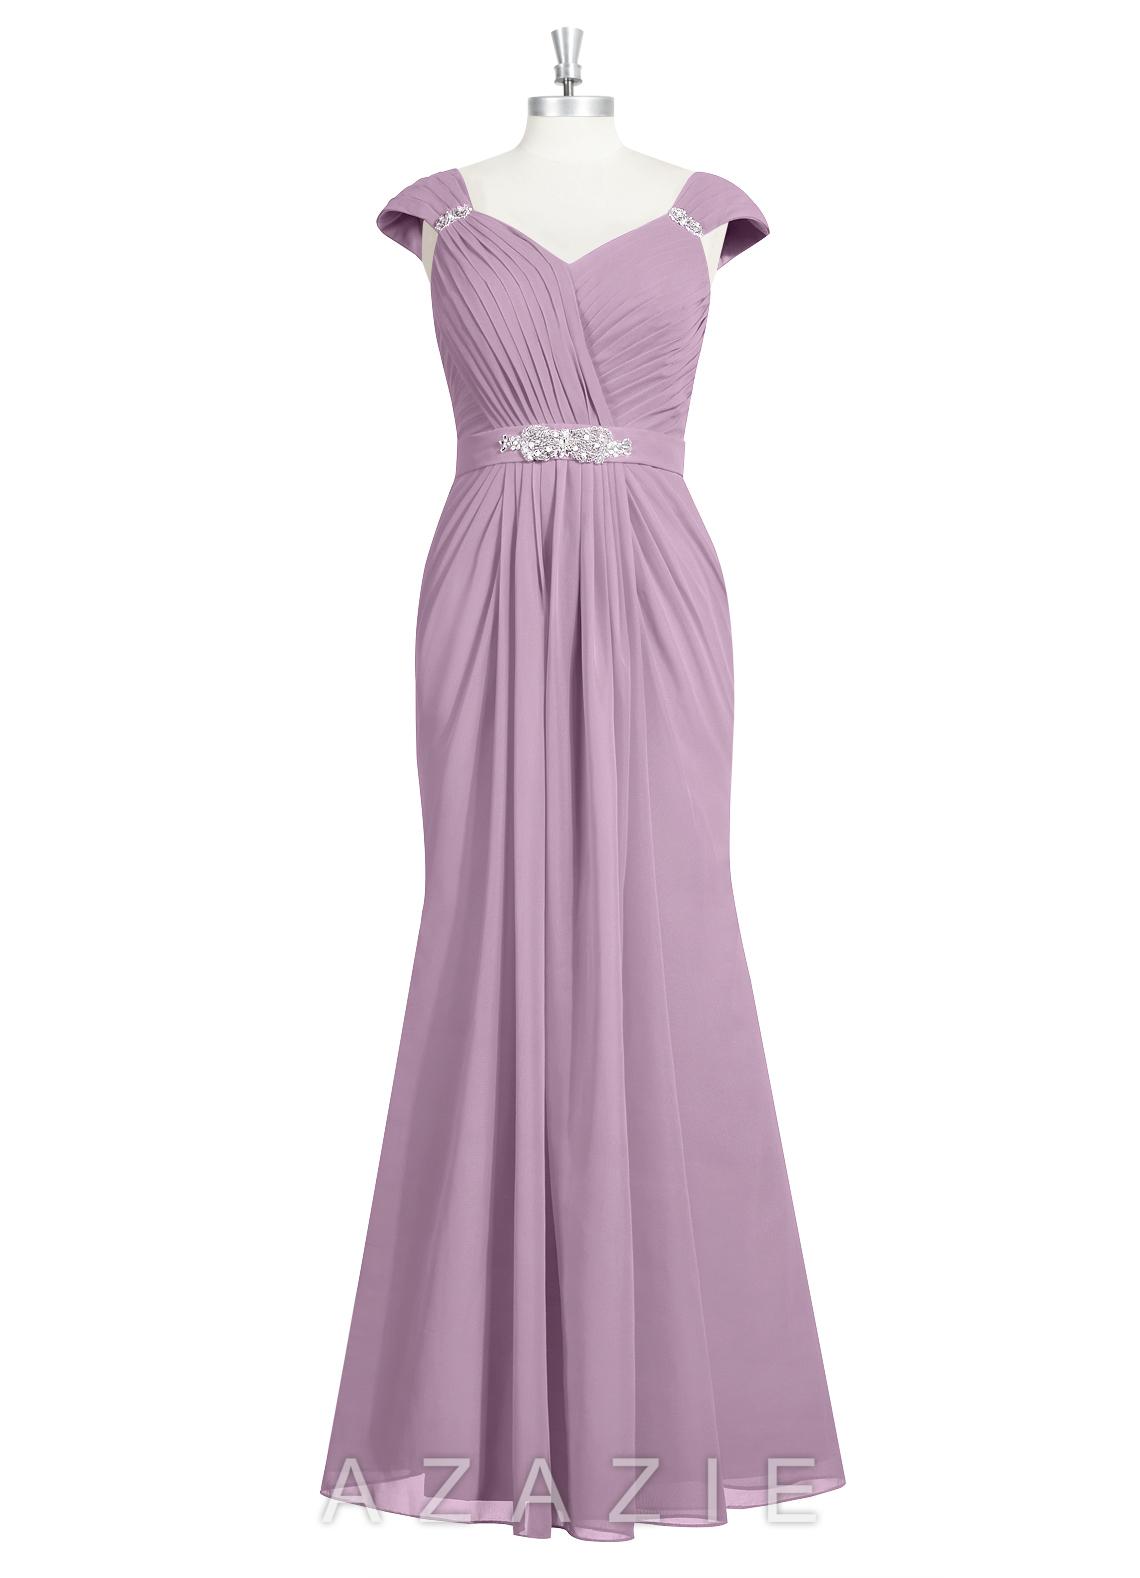 Azazie Charlie Bridesmaid Dress | Azazie - photo #20